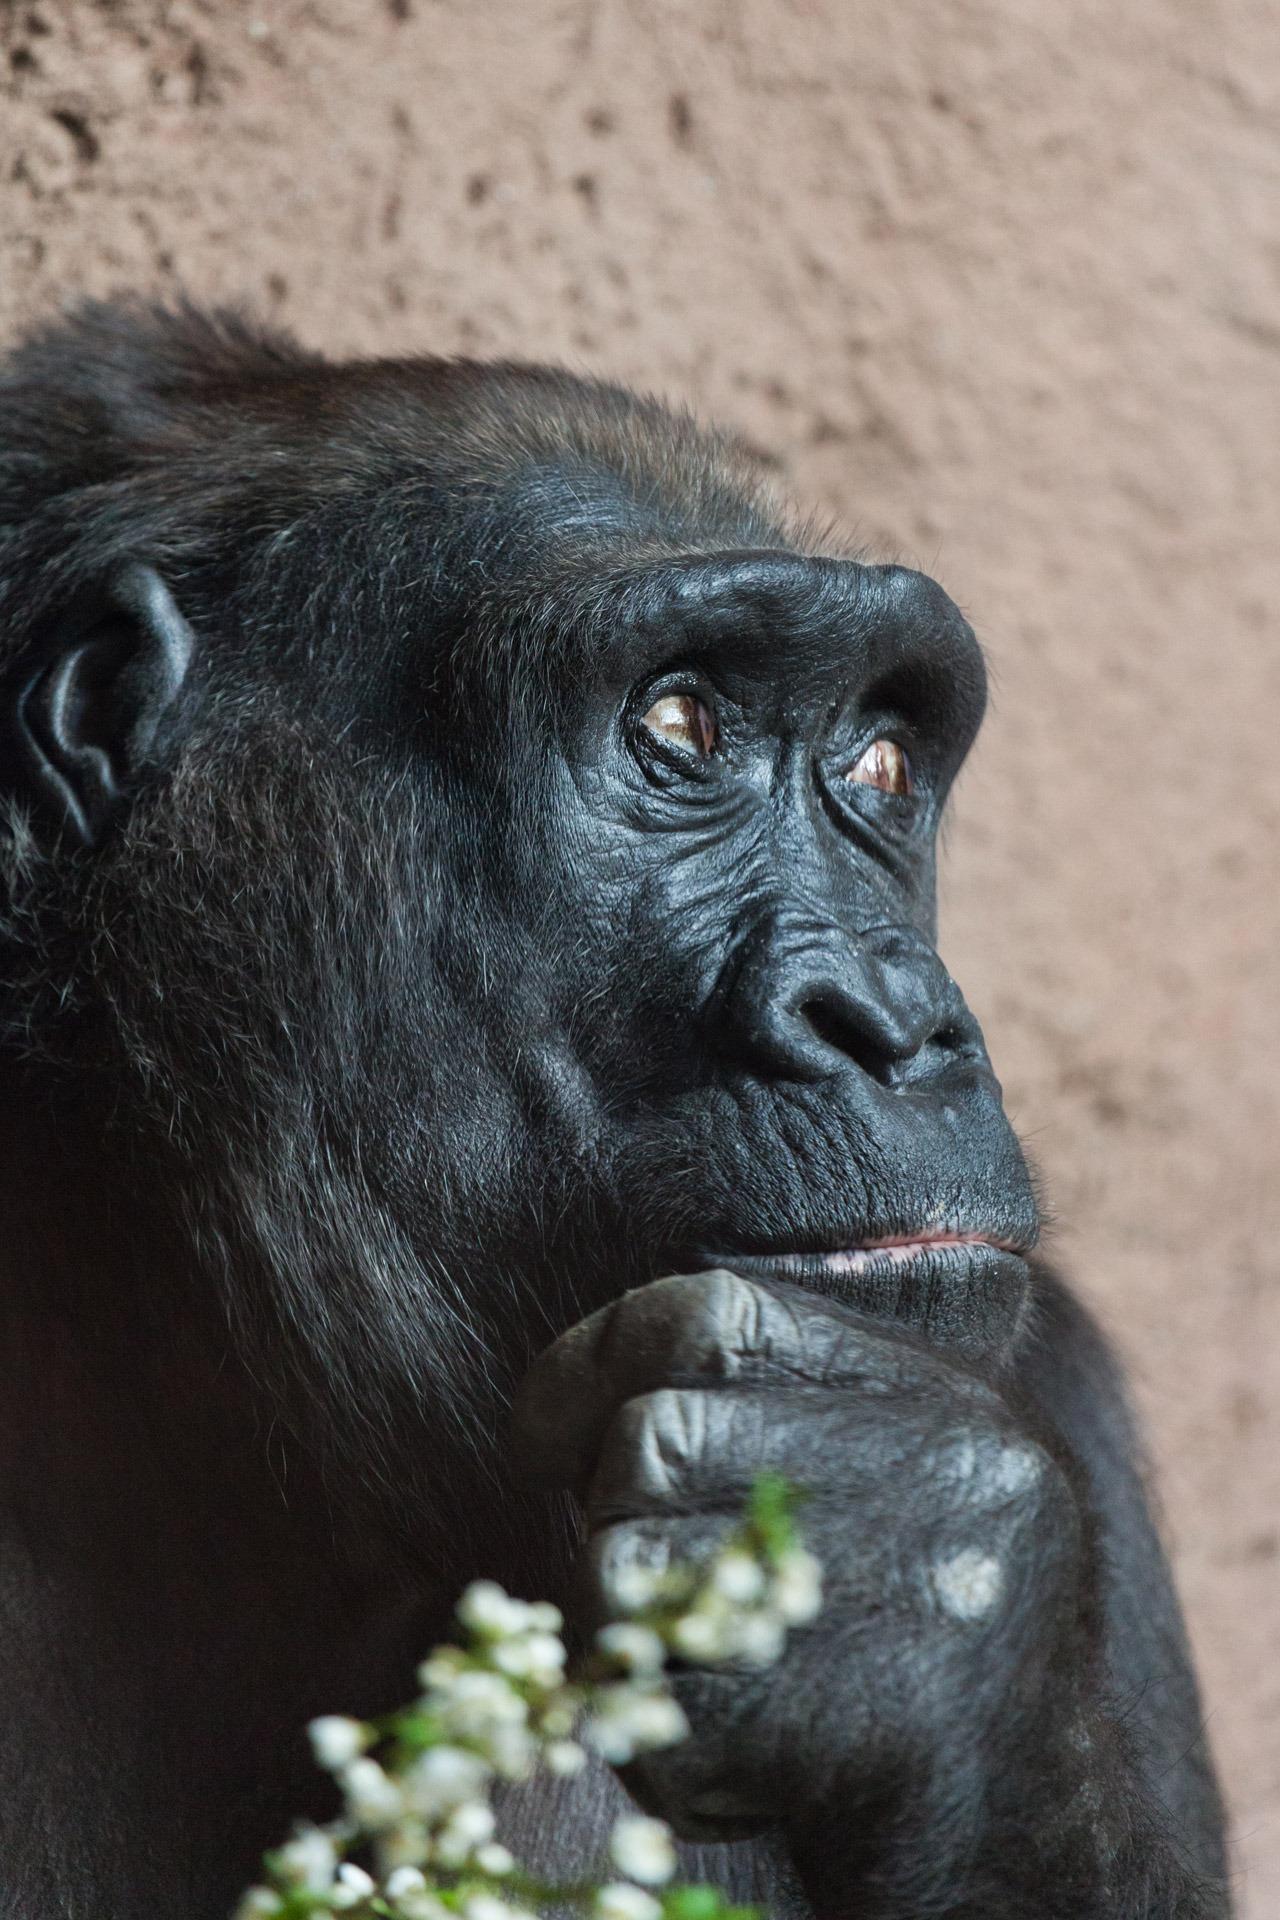 free images animal wildlife wild thinking zoo africa think